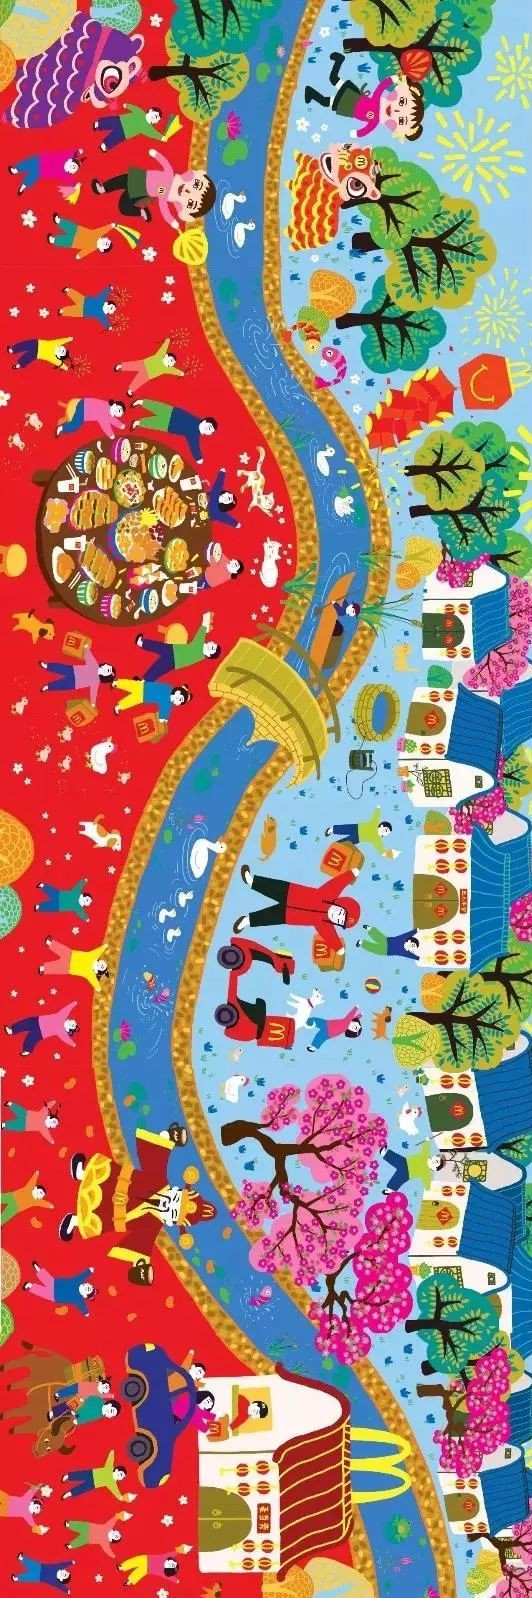 元旦海报设计素材免费下载,品牌借势元旦海报设计欣赏